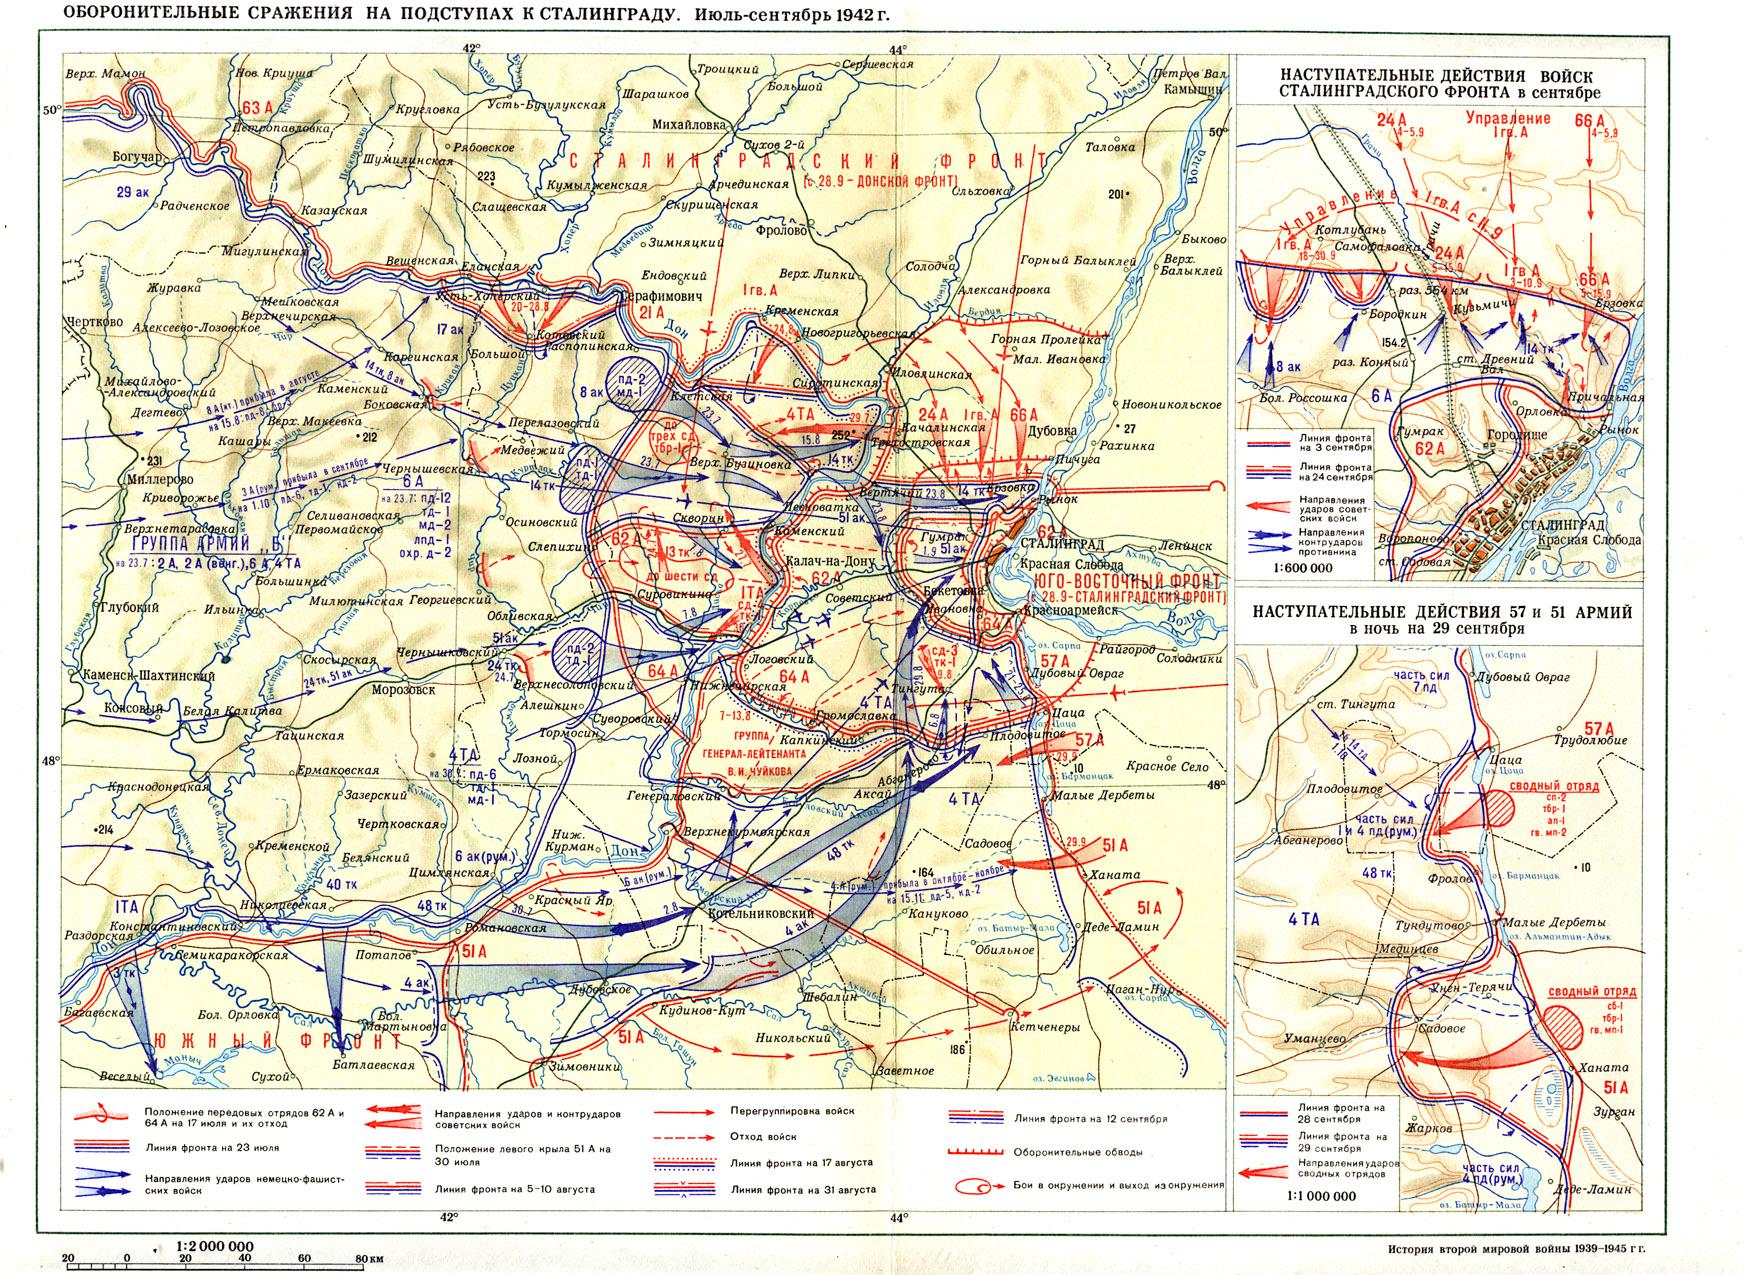 Немецкие Военные Карты Второй Мировой Войны Онлайн